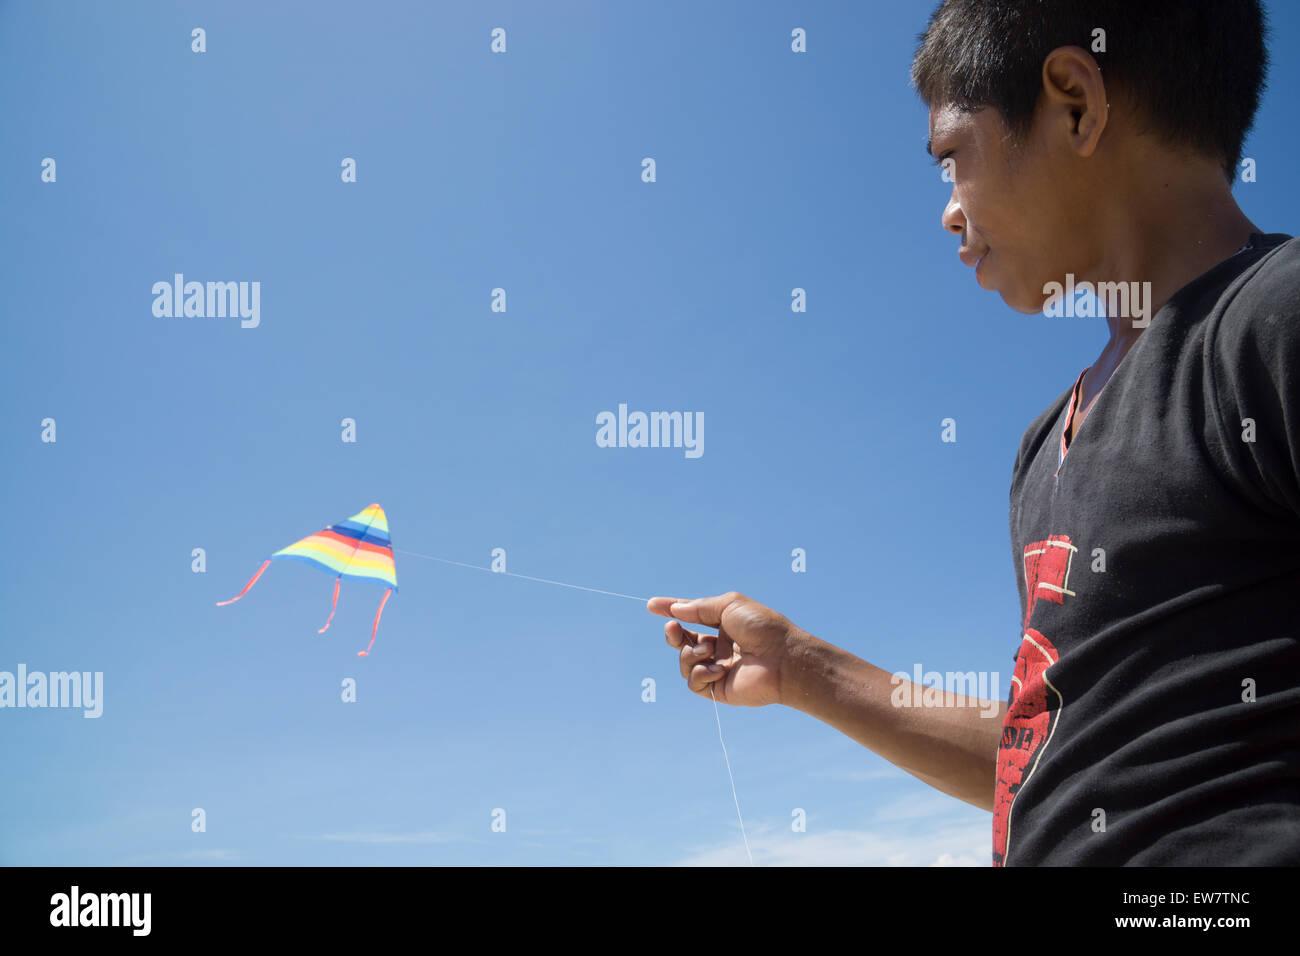 Retrato de niño volando kite Imagen De Stock